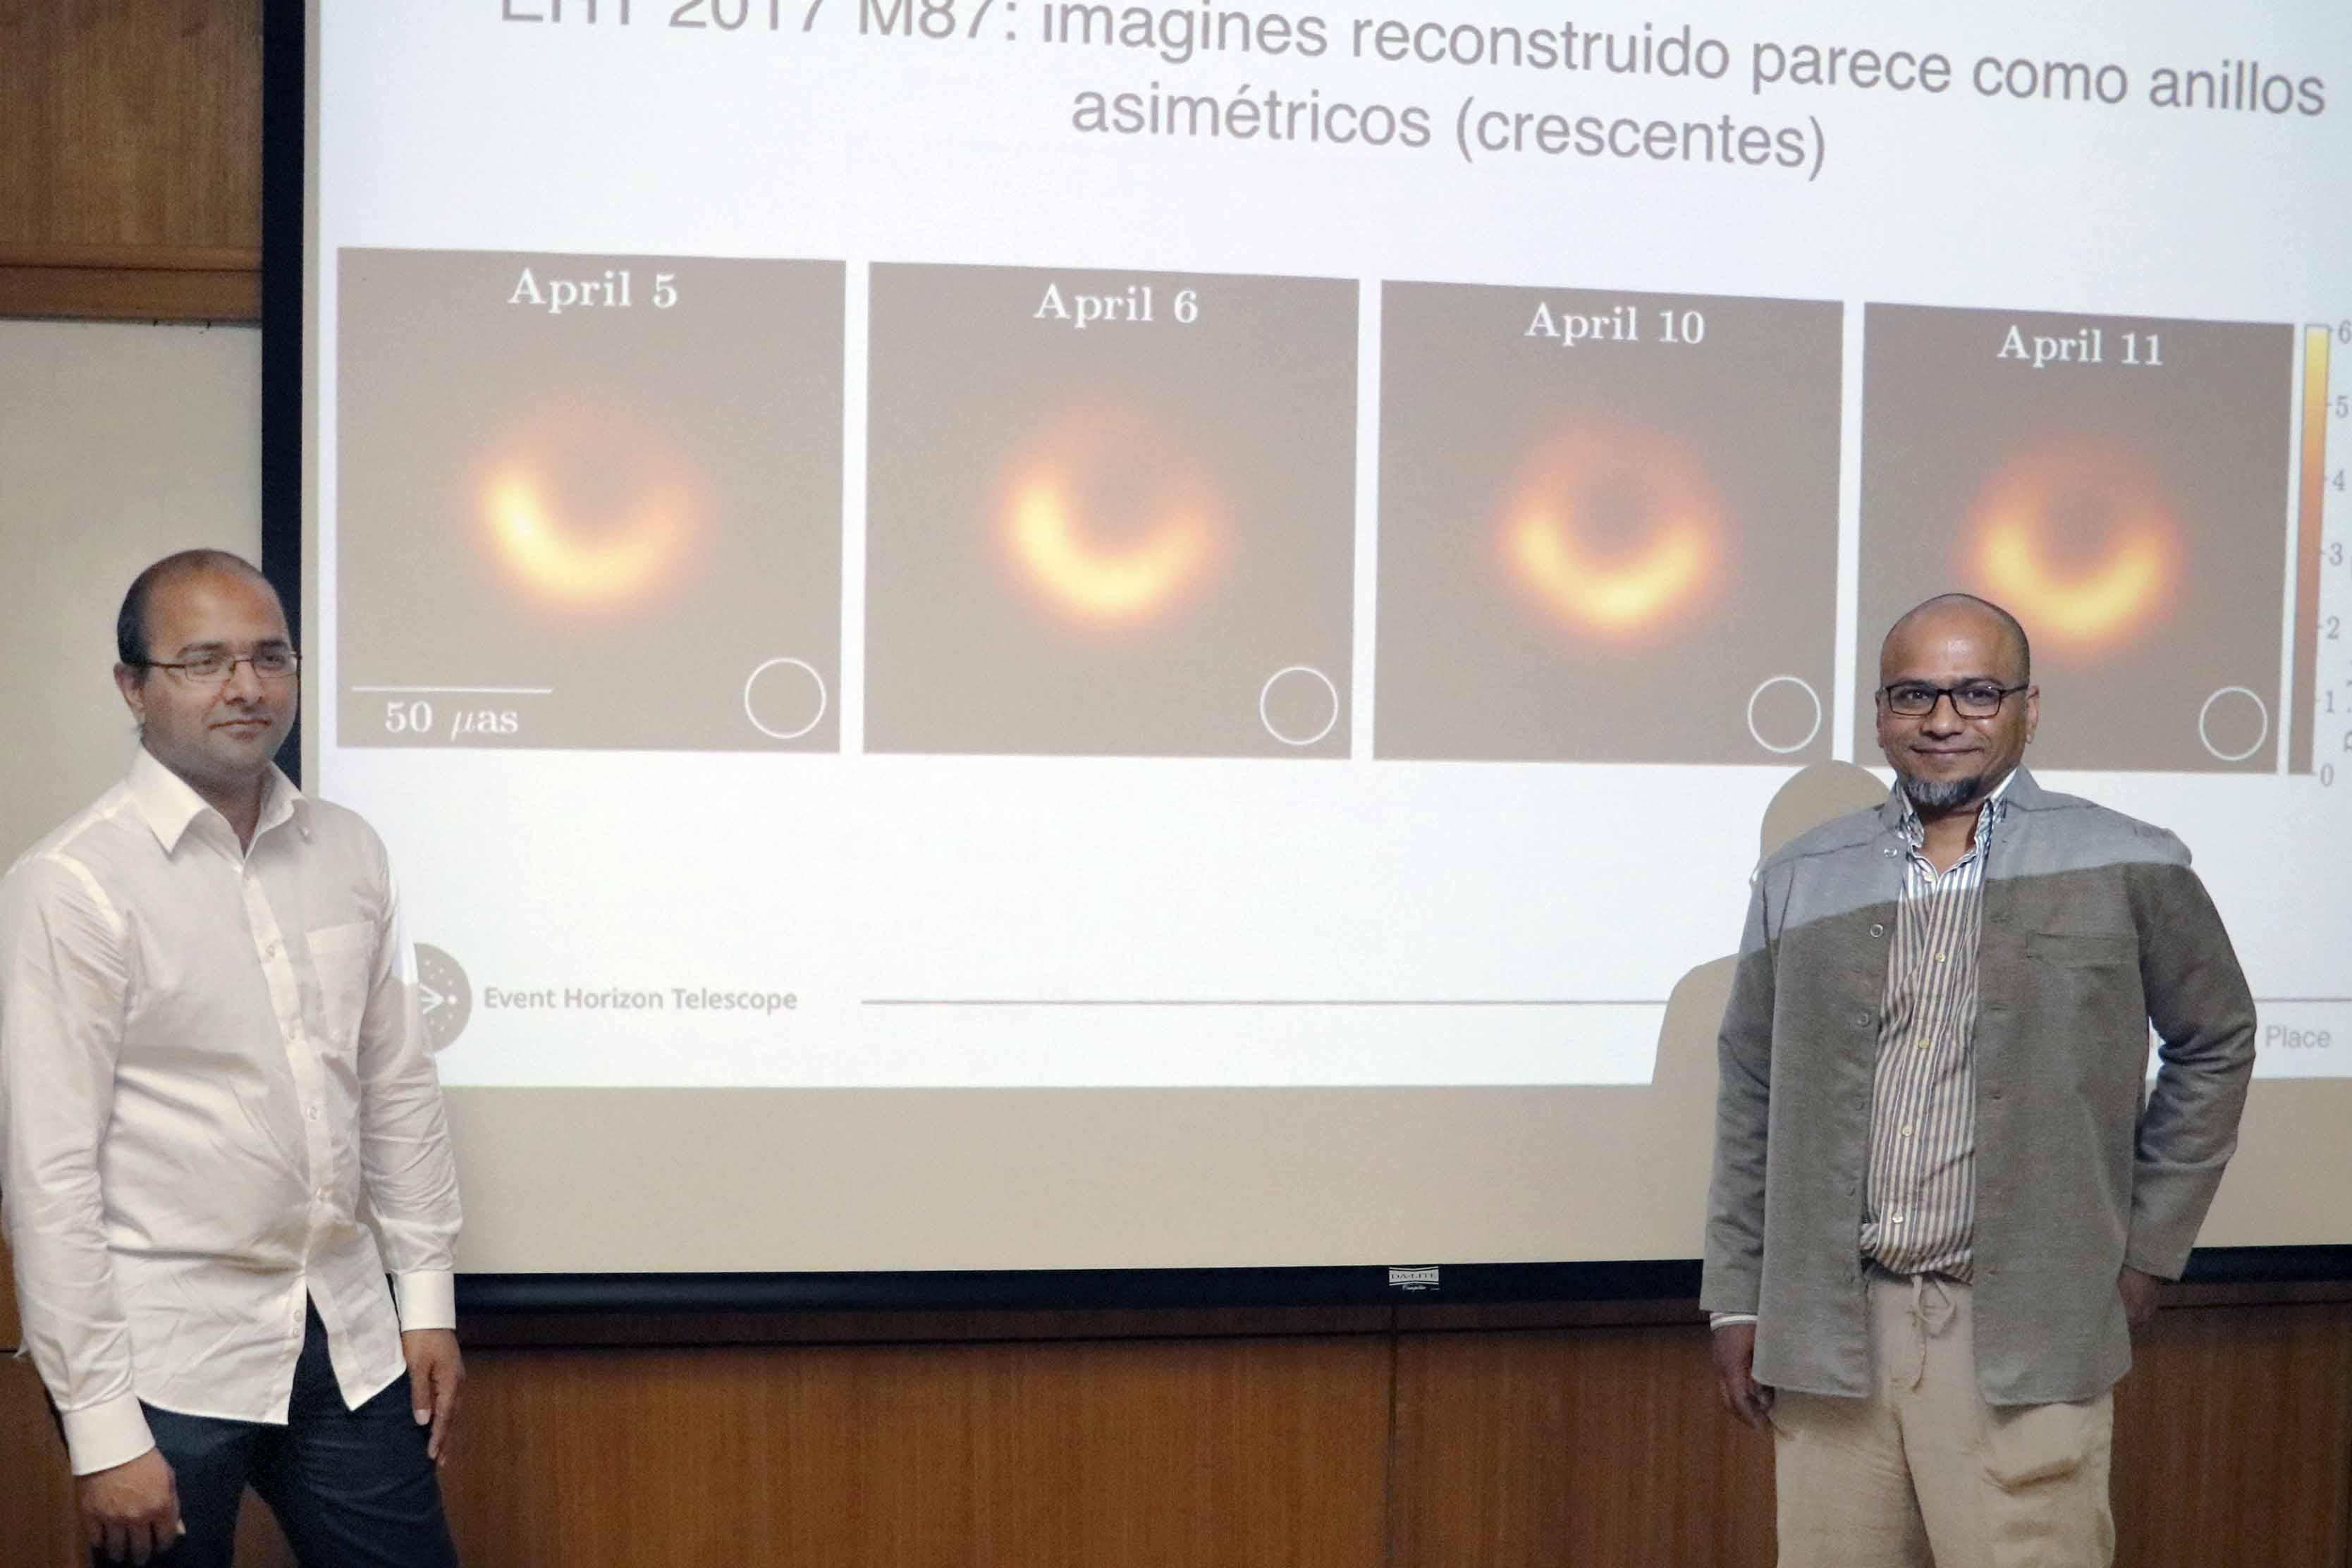 Charla de astrónomos que participaron en captura de Agujero Negro abre ciclo Café Científico 2019